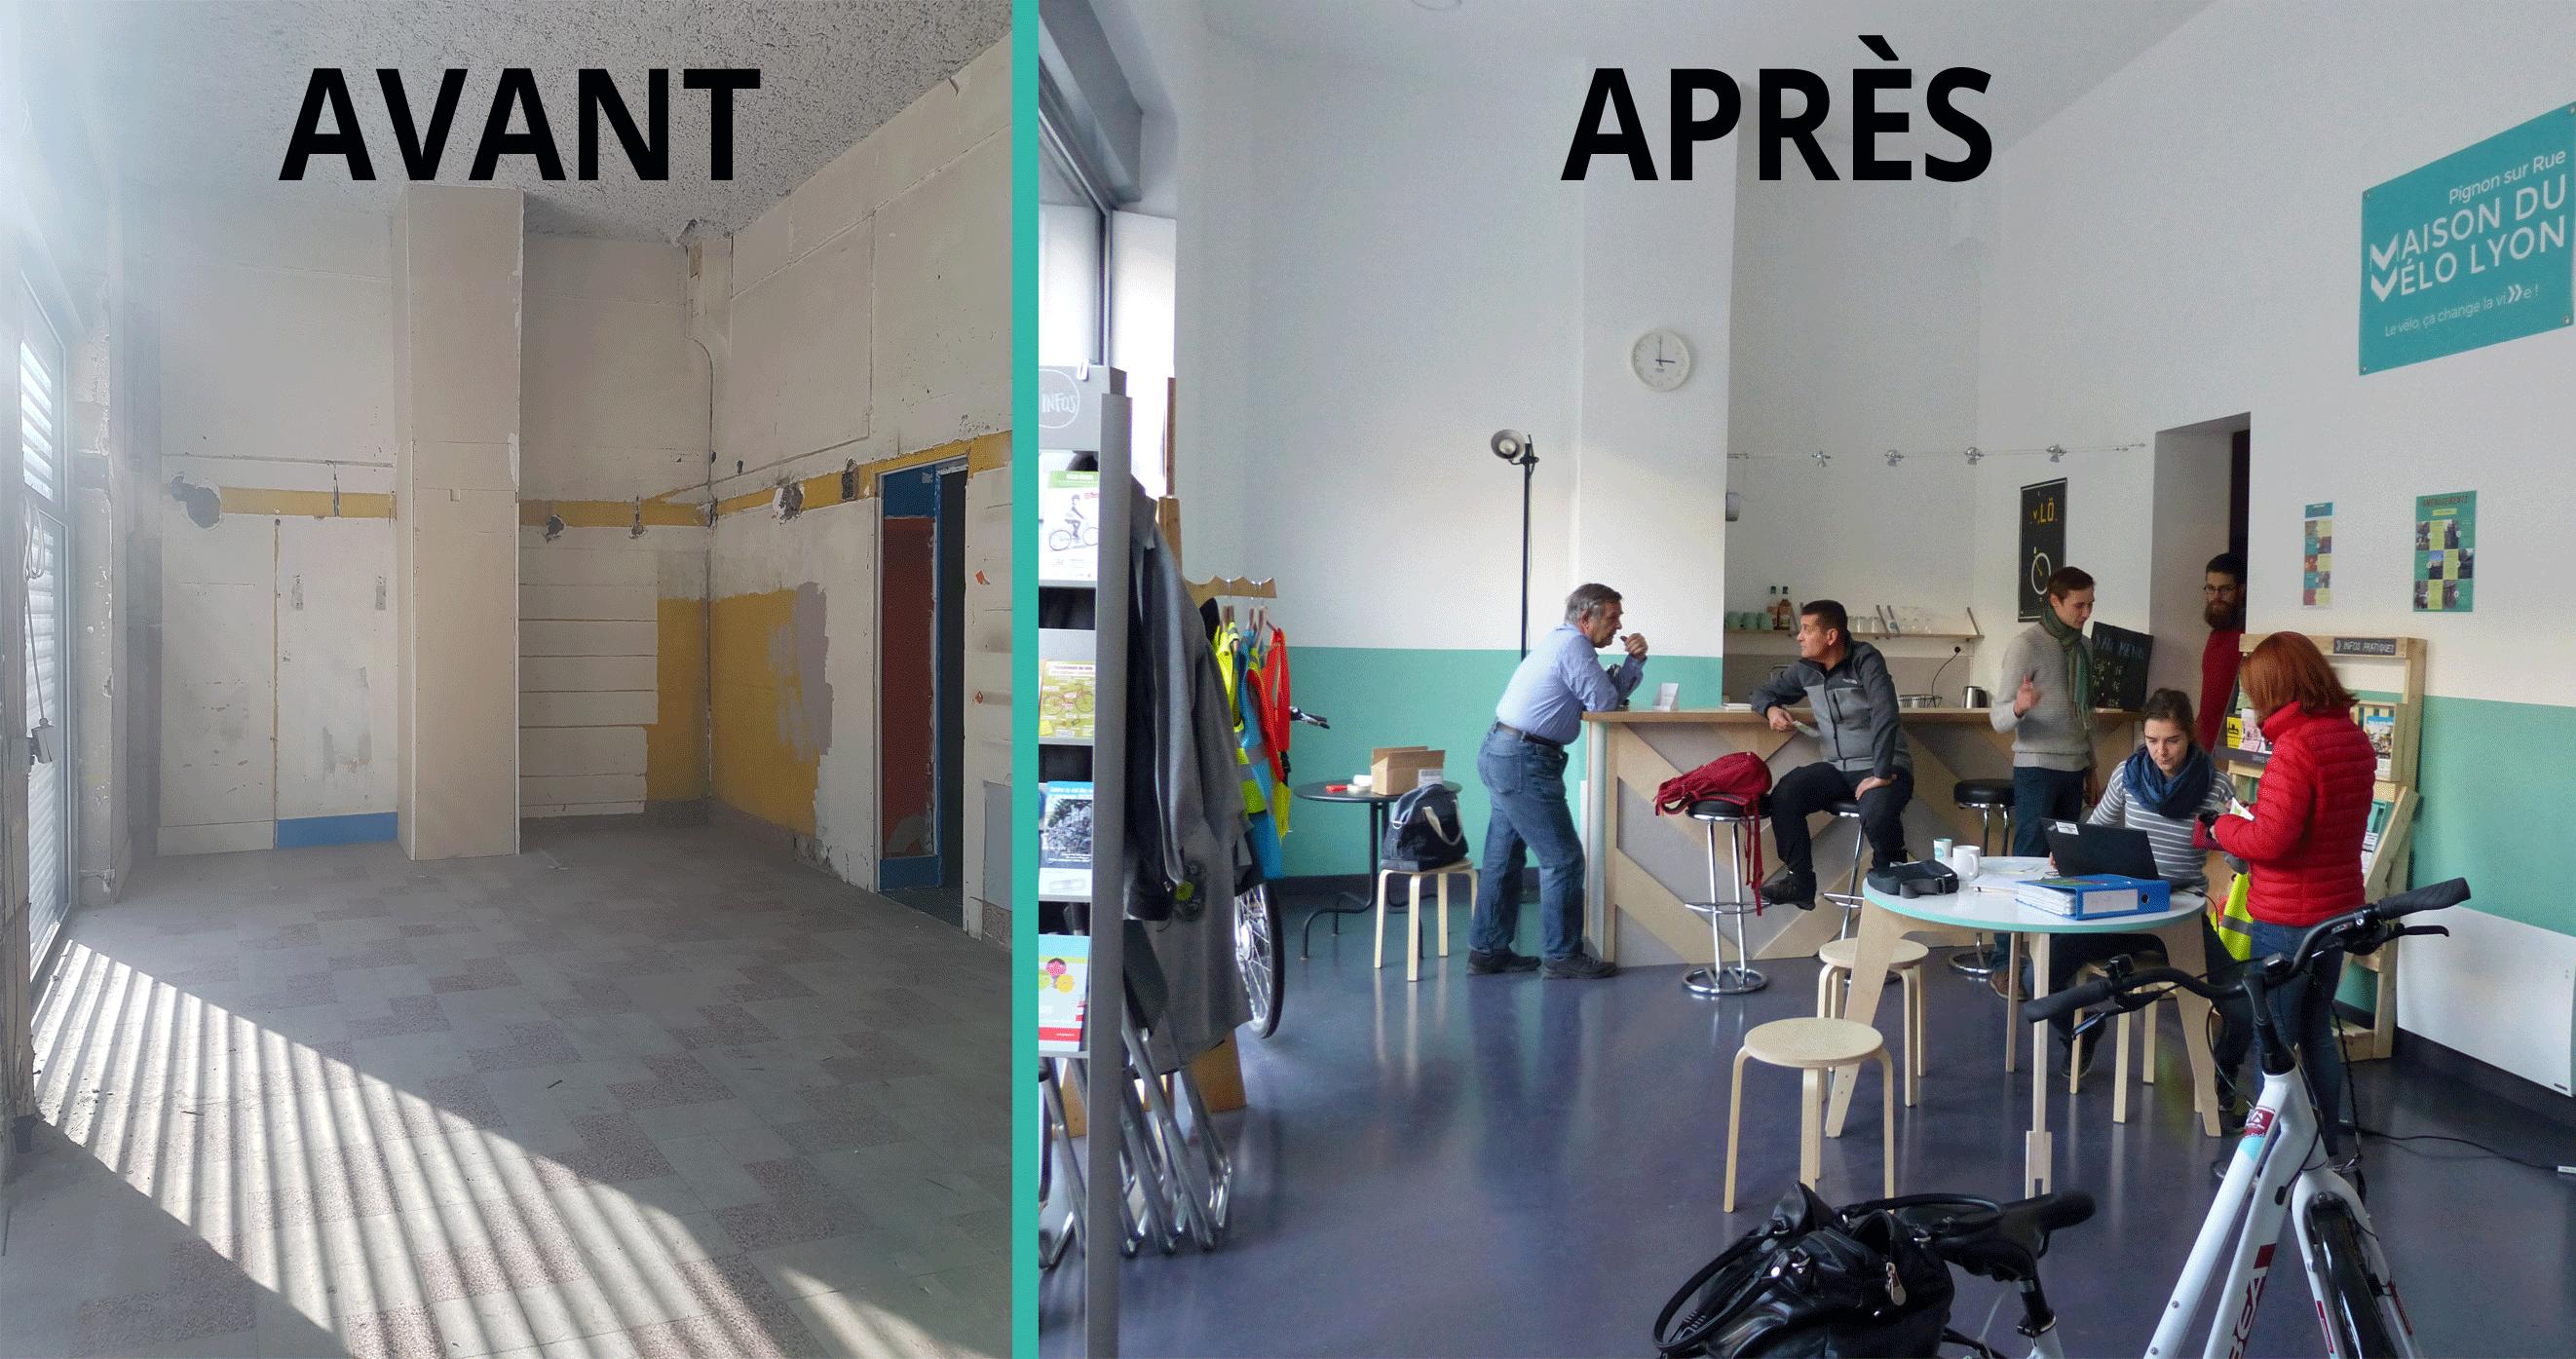 Maison_Vélo_Lyon_avant_apres